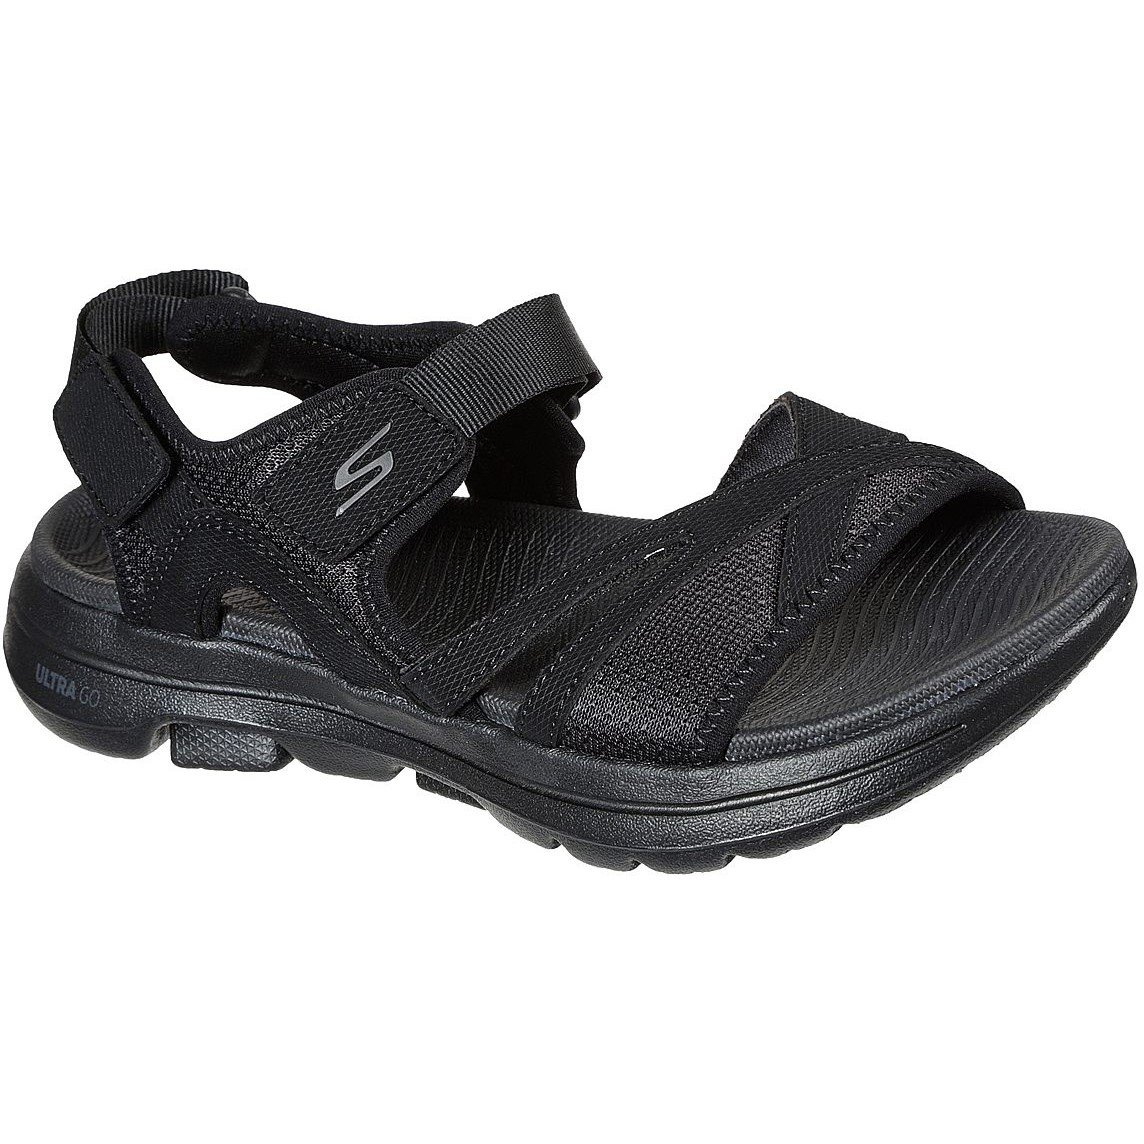 Skechers Women's Go Walk 5 Restored Summer Sandal Black 32155 - Black 8